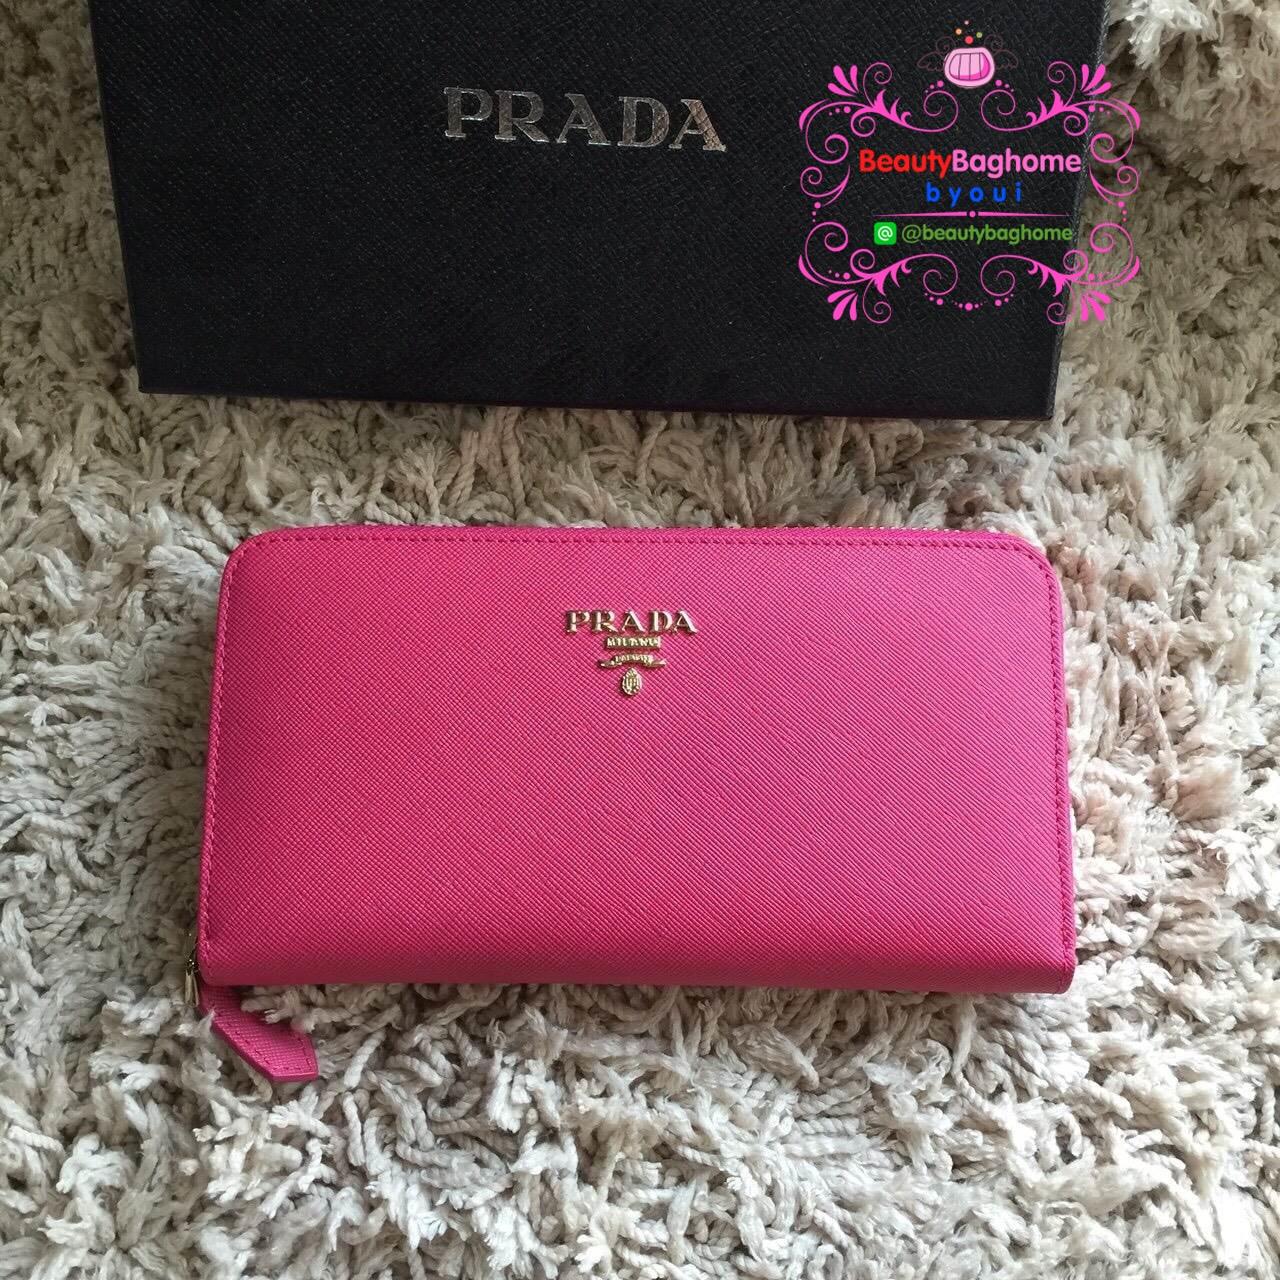 Prada Wallet สีชมพูบานเย็น งานHiend1:1